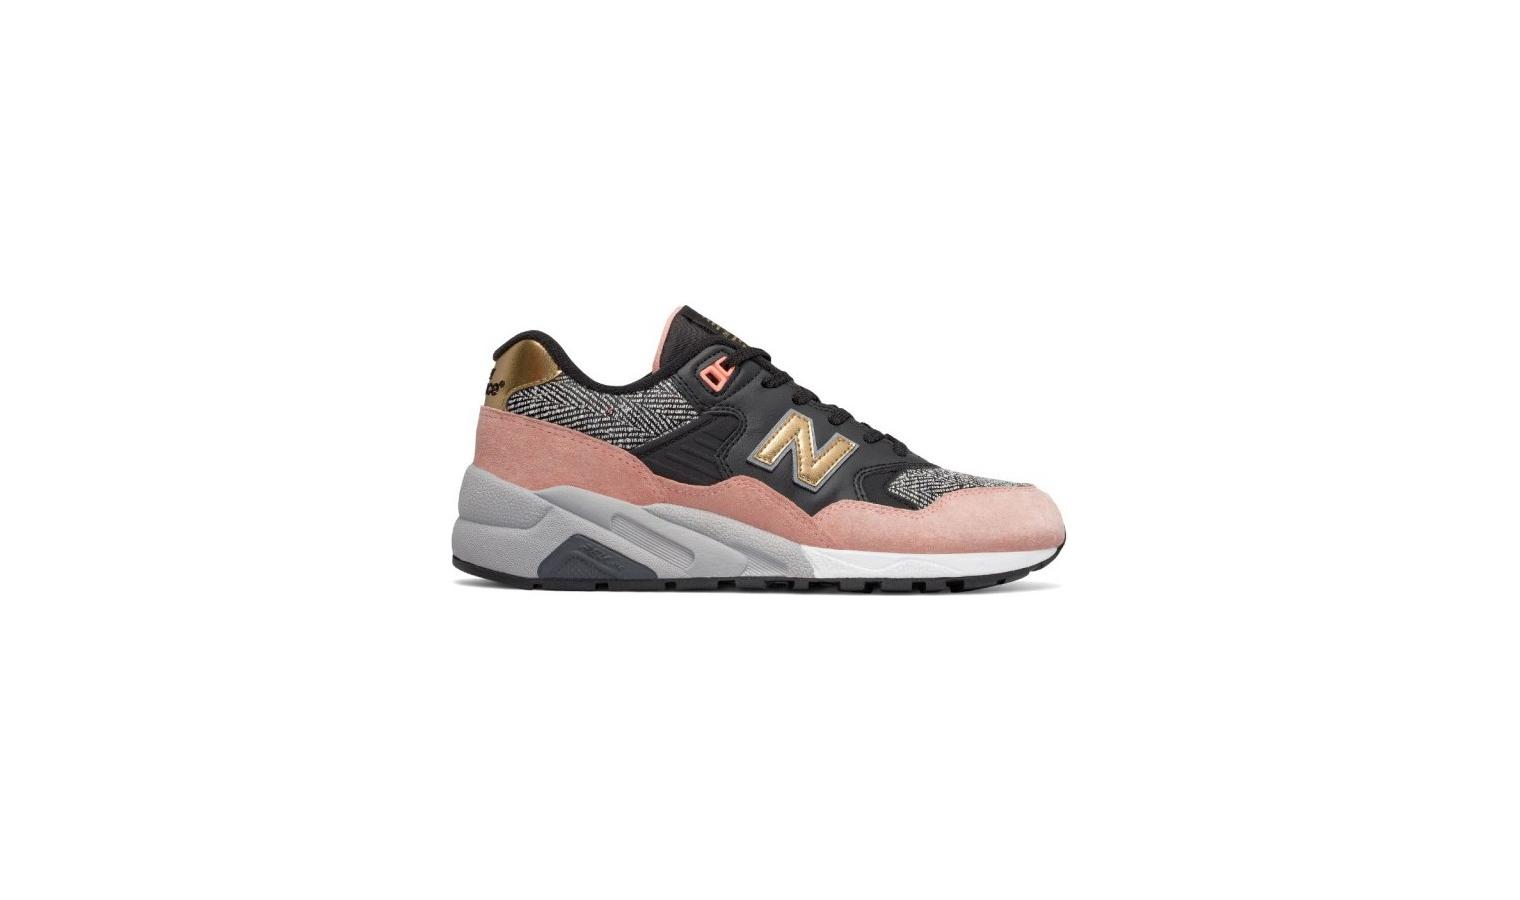 b98198784ec14 Dámske tenisky New Balance WRT580CE ružové | AD Sport.sk